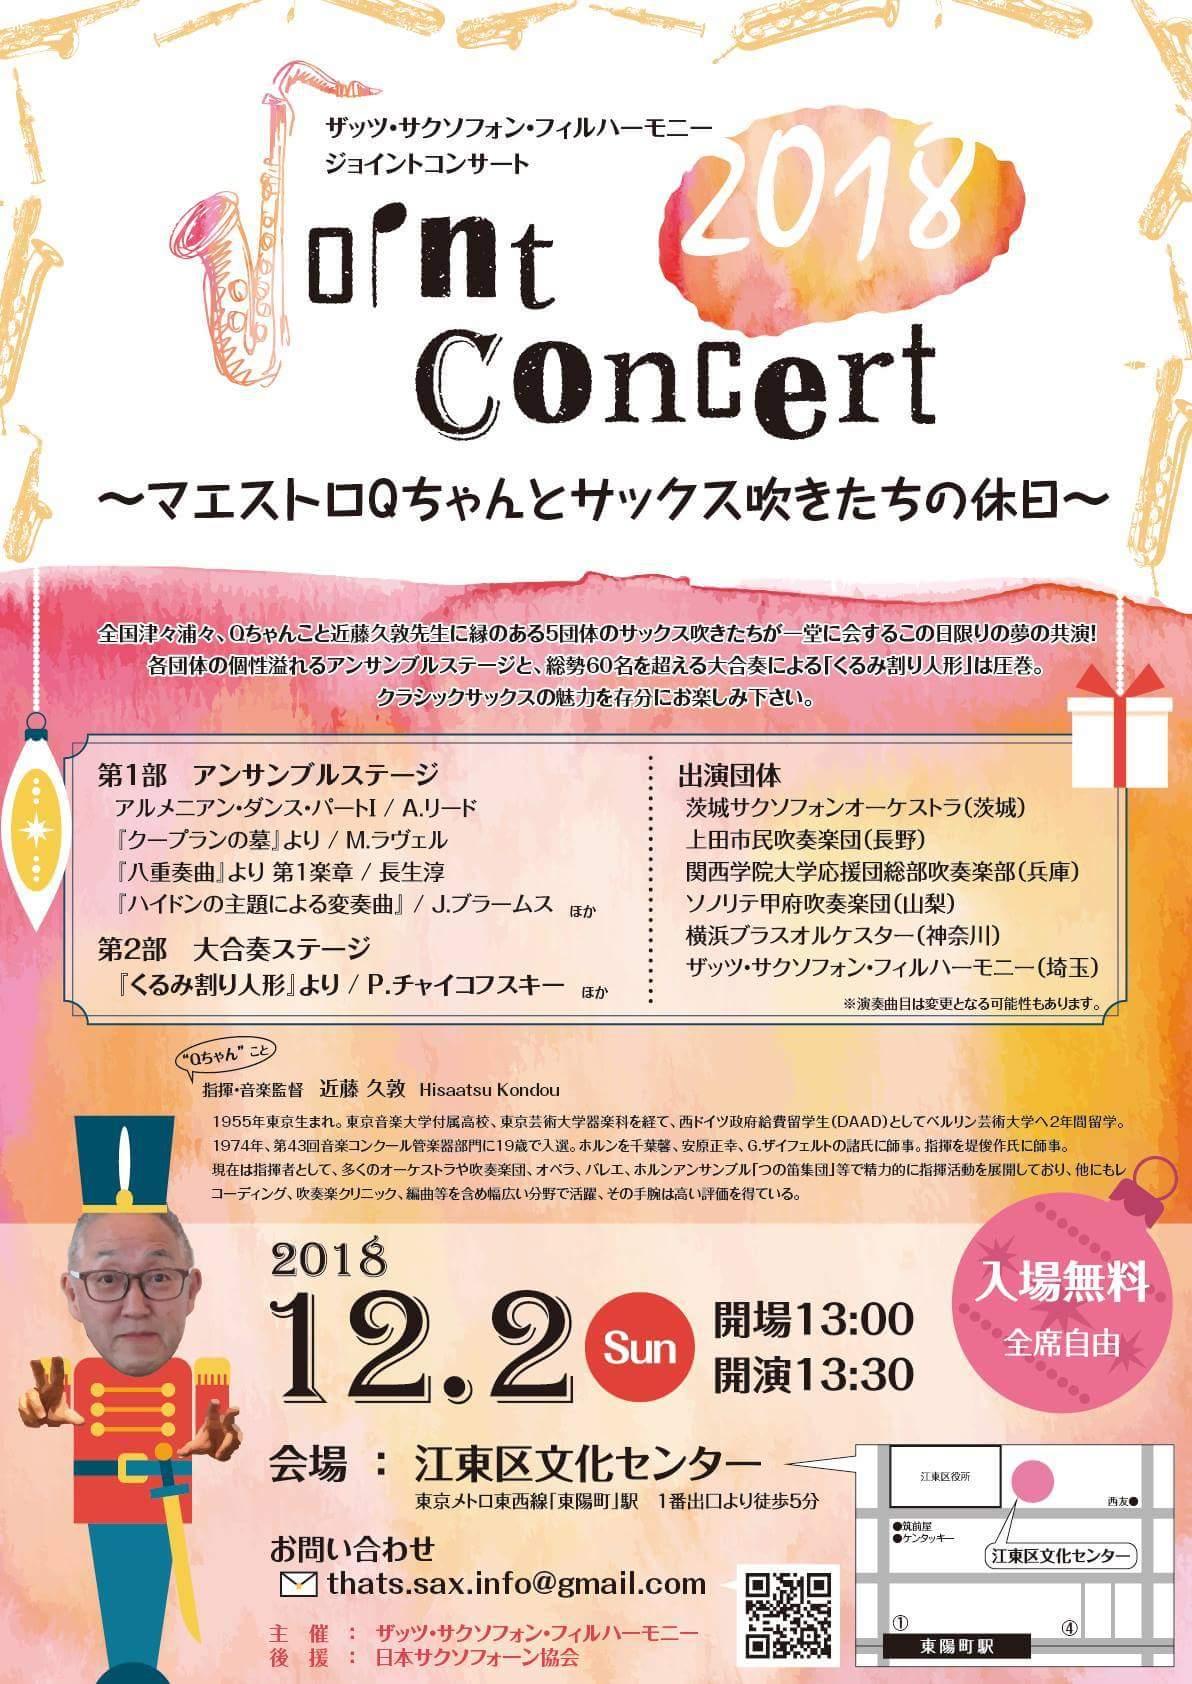 ジョイントコンサート2018